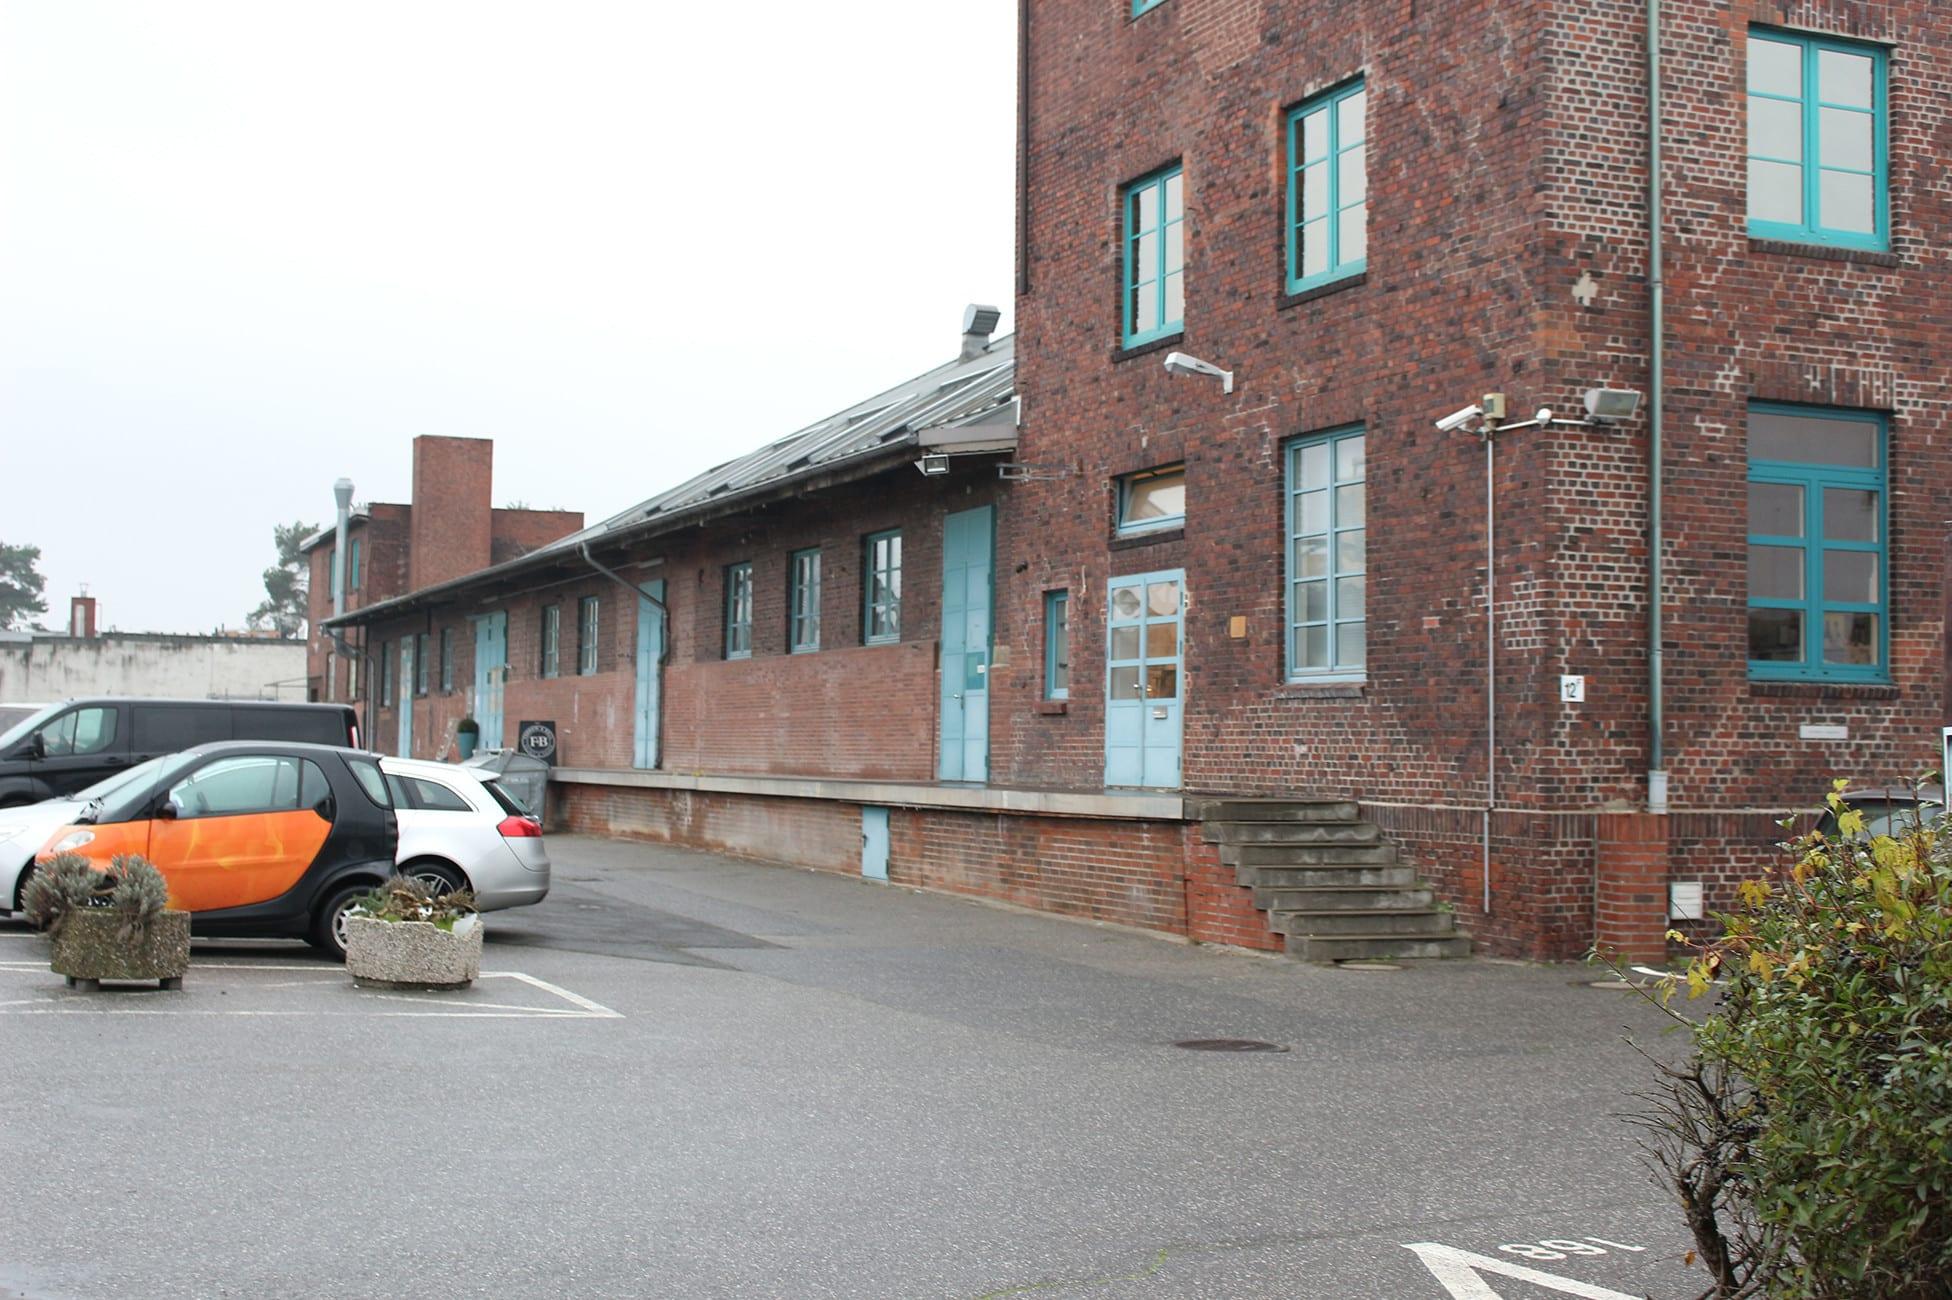 Farbenlager Warenausgabe mit Parkplätzen